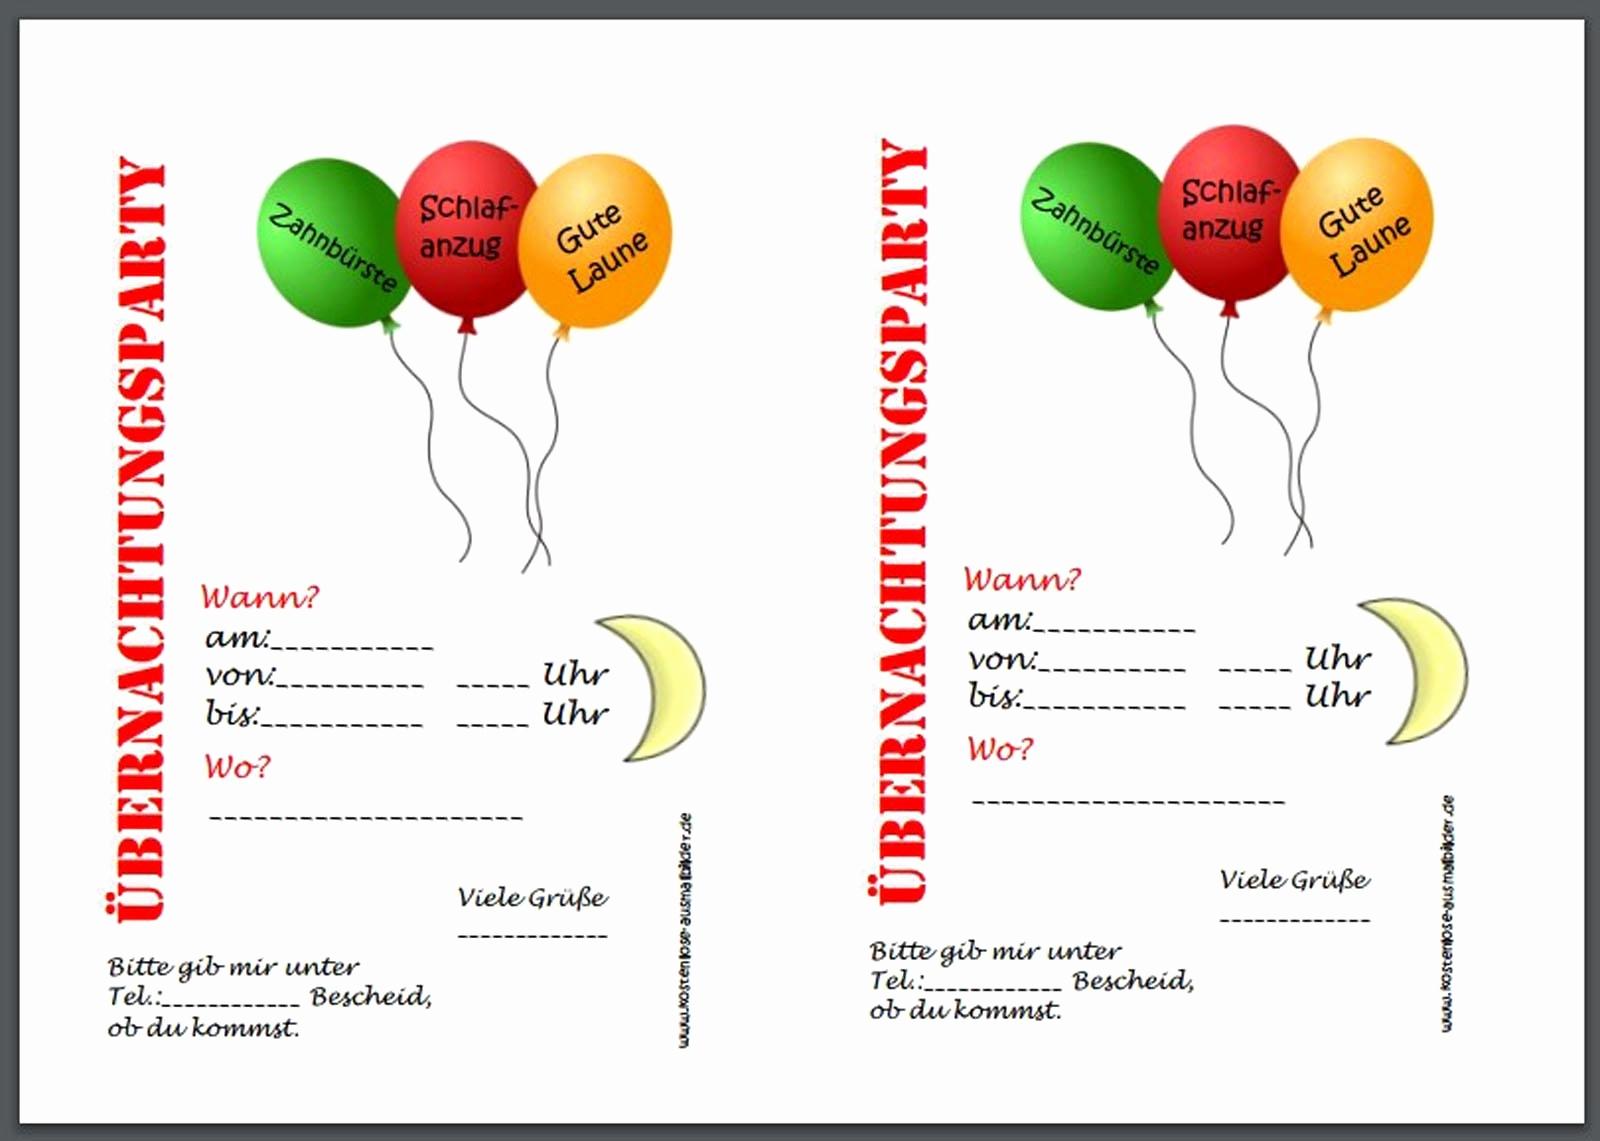 Geburtstagsbilder Zum Ausdrucken Kostenlos Elegant Bilder über Geburtstagsbilder Zum Ausdrucken Kostenlos